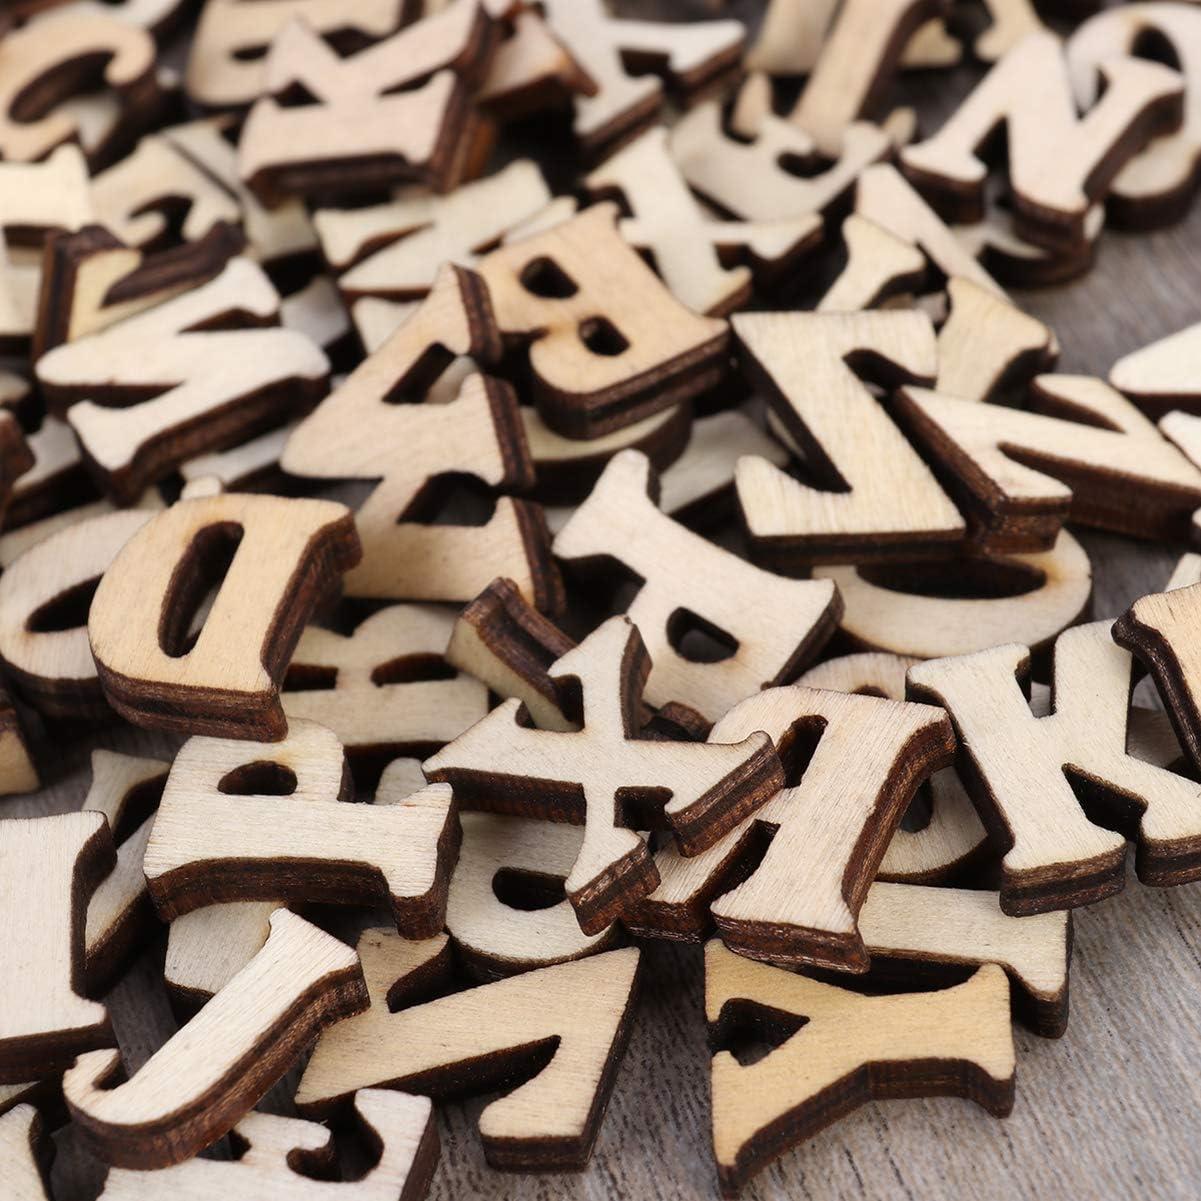 Artibetter 100 Pz Lettere in Legno Alfabeto in Legno Intagliato ABC Puzzle Educativo Giocattolo per Progetti Fai da Te Artigianato Scrapbooking Decorazione Domestica Senza Foro